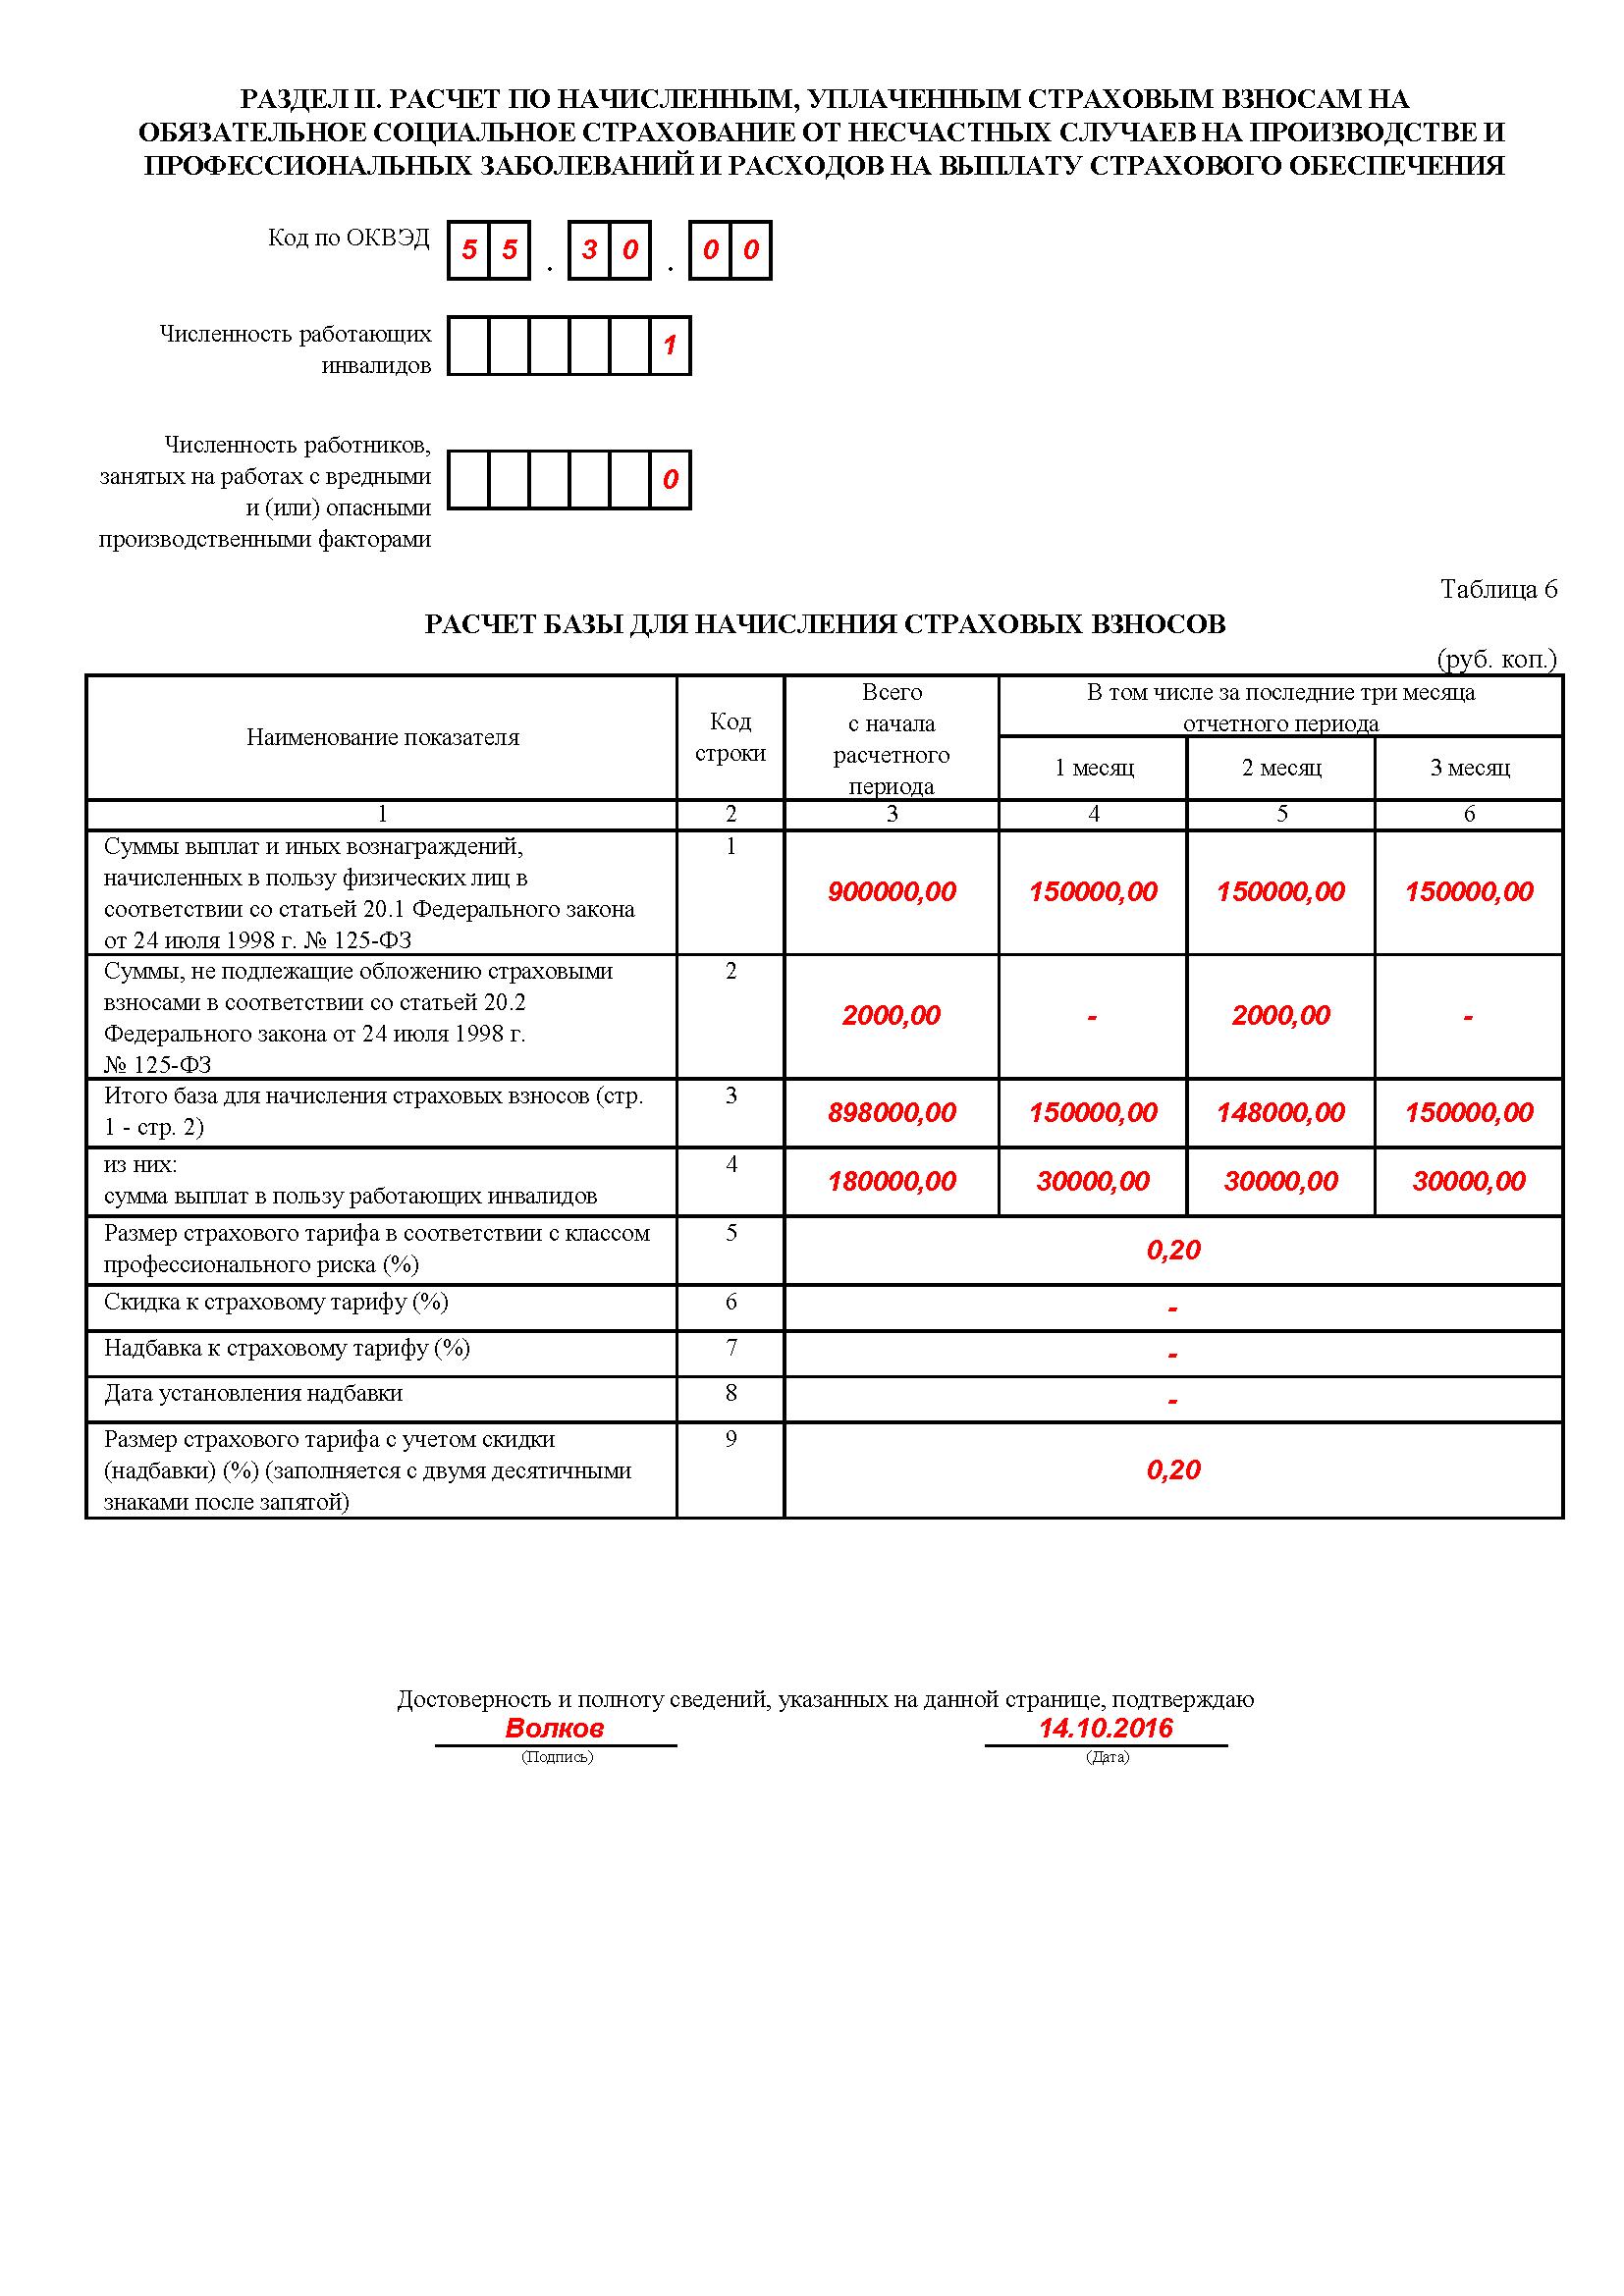 Отчетность в ФСС за 3 квартал таблица 6